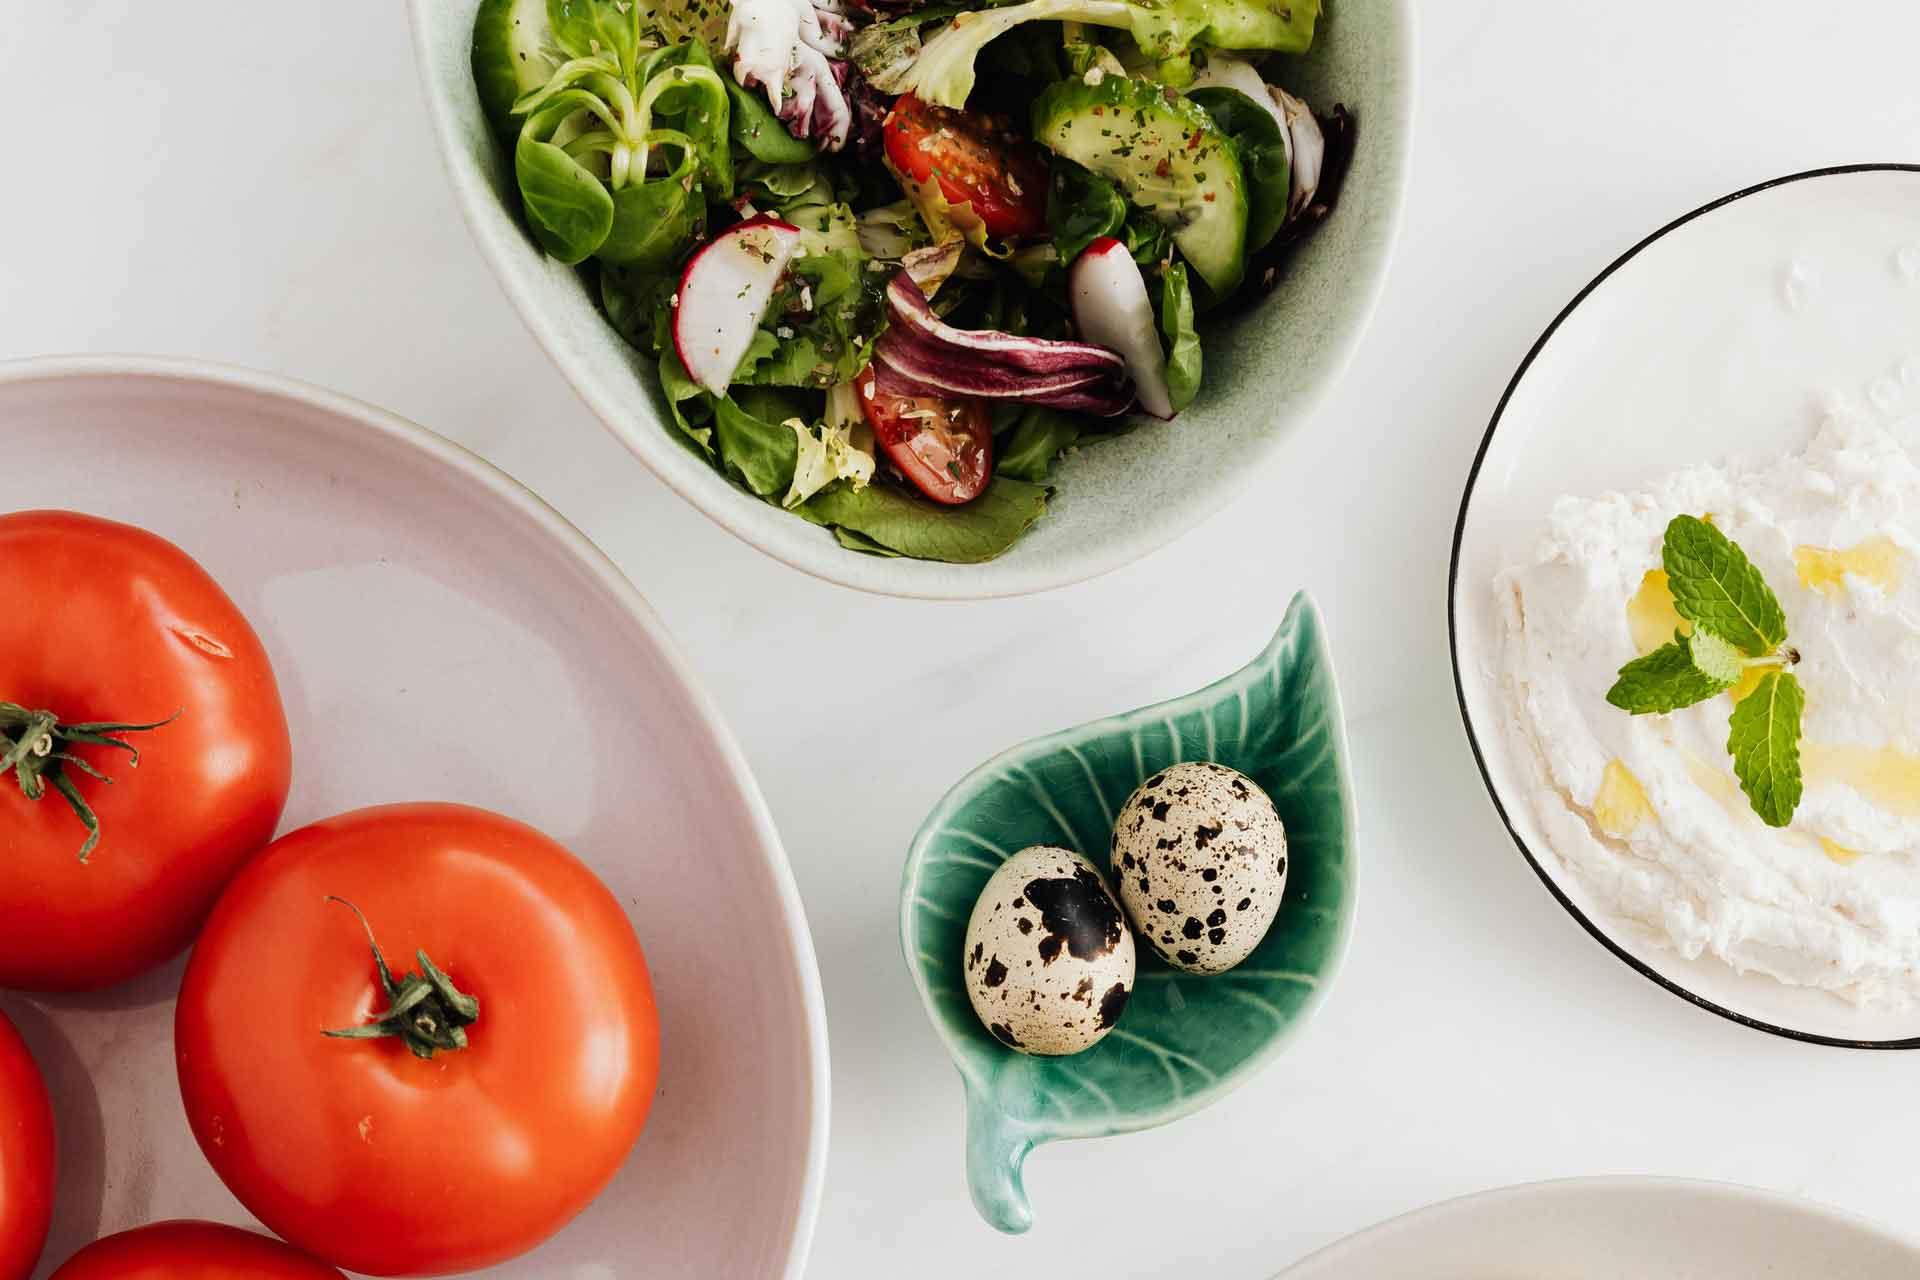 Fresh Vegetable For Health